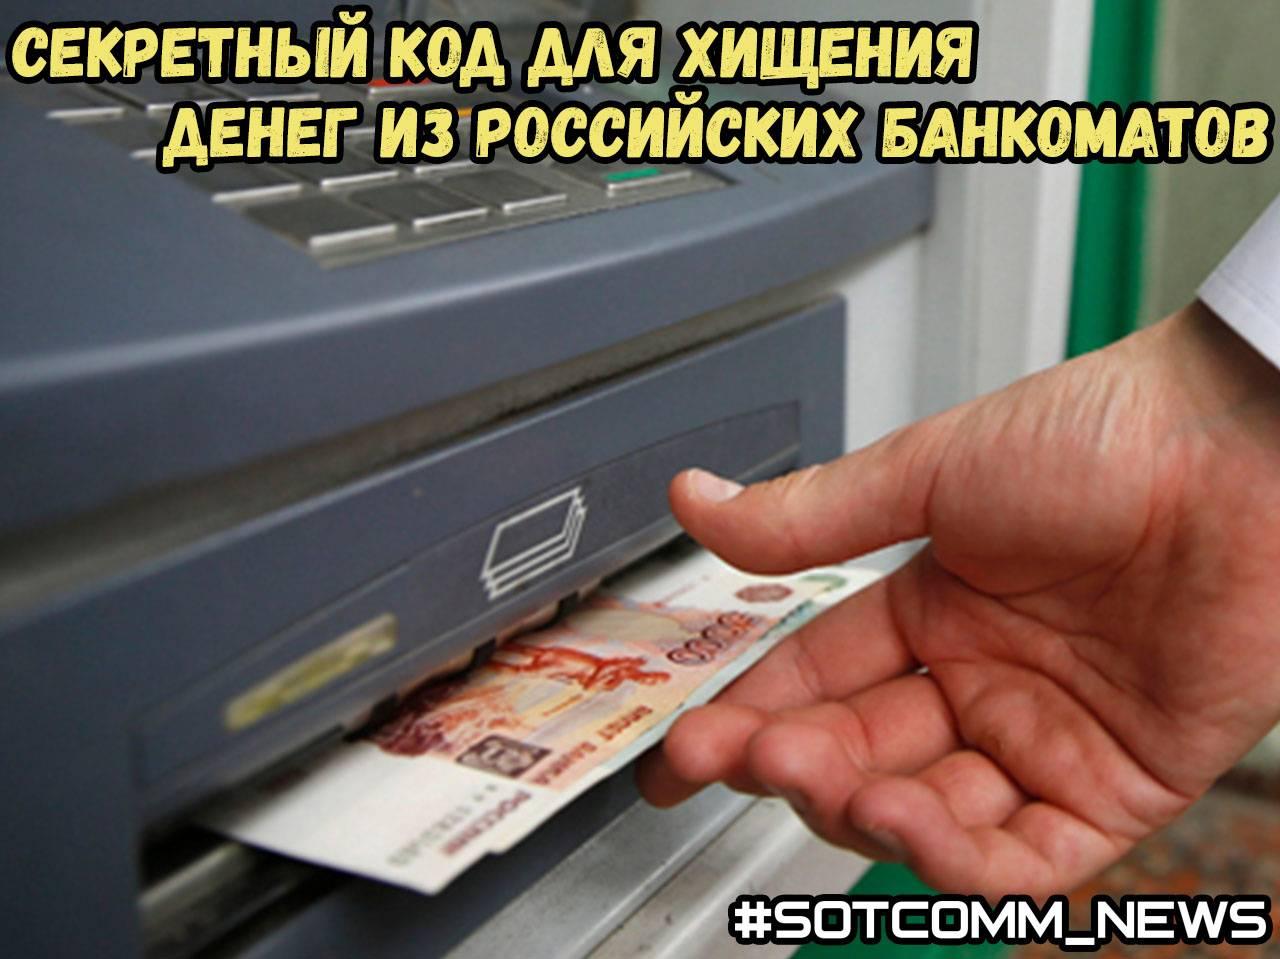 Секретный код  для хищения денег из российских банкоматов